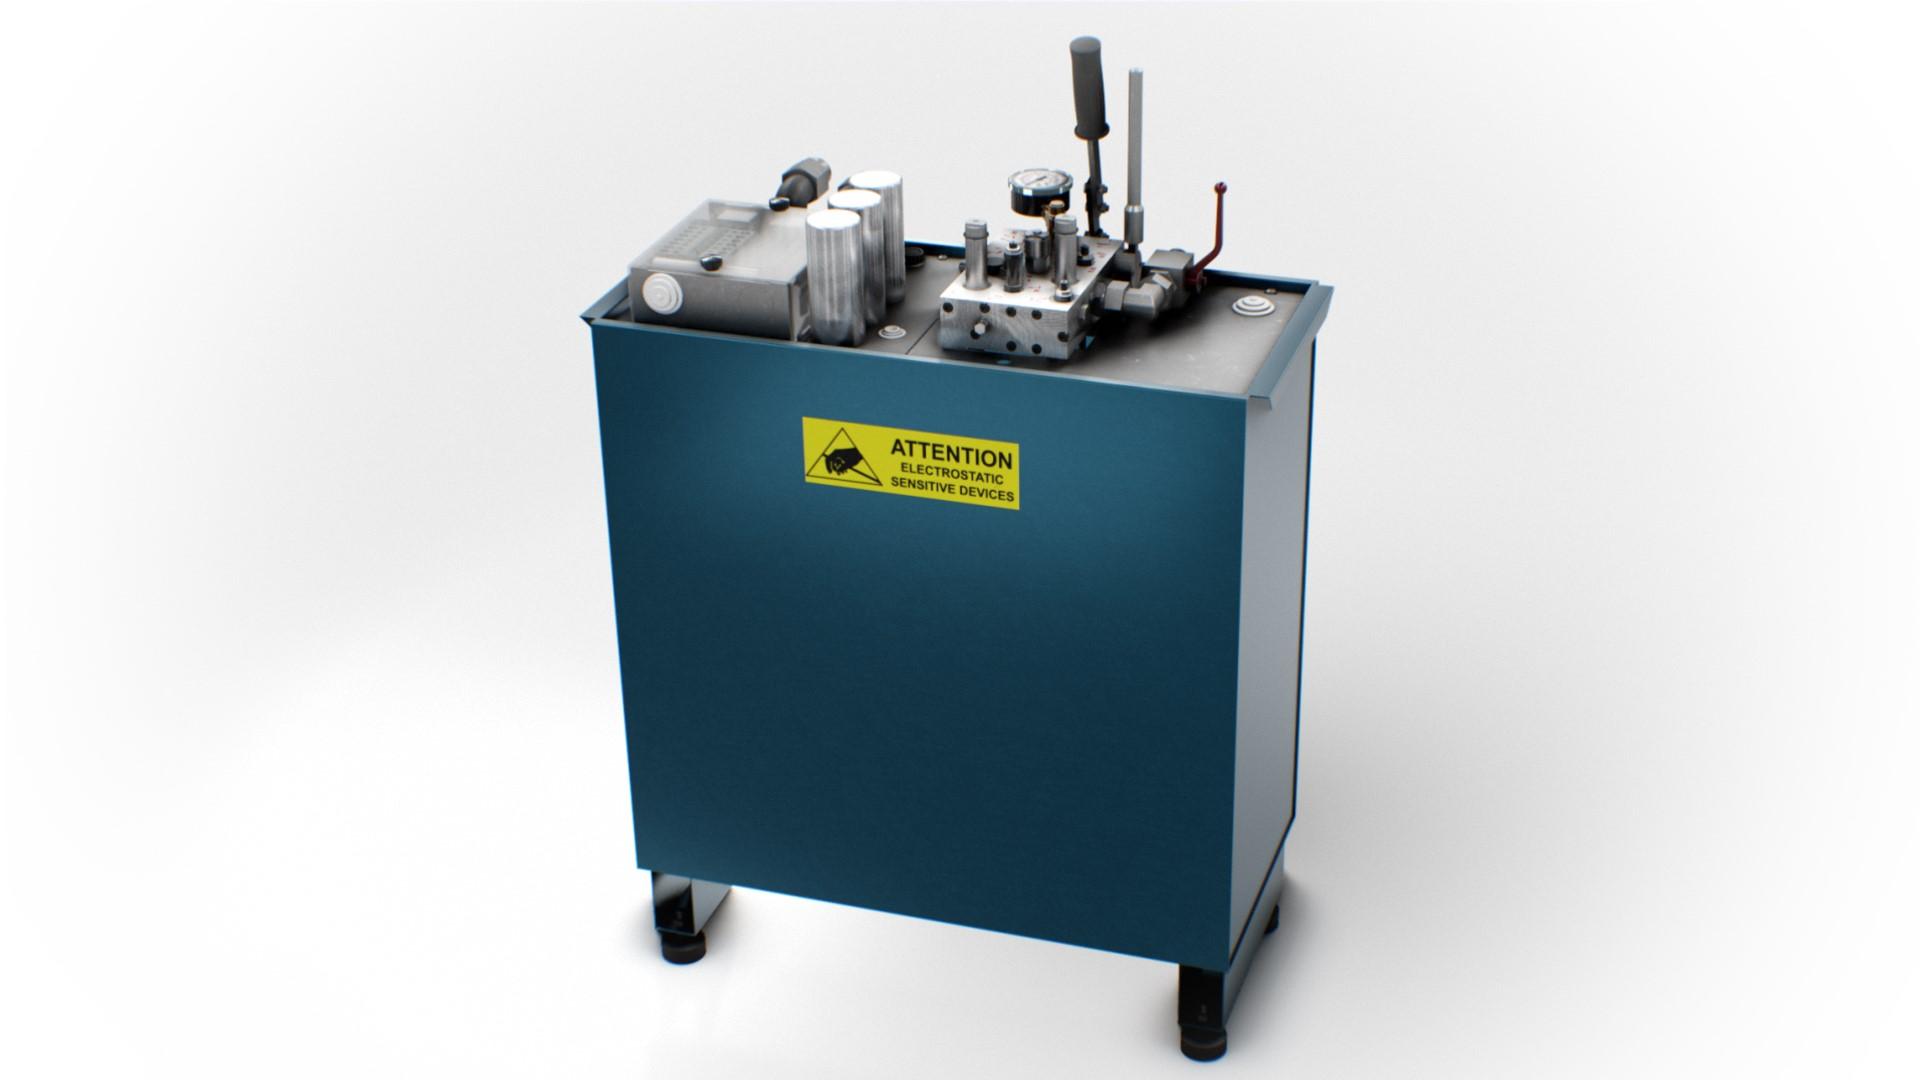 HL320-R-MARK2 - Hydraulic unit